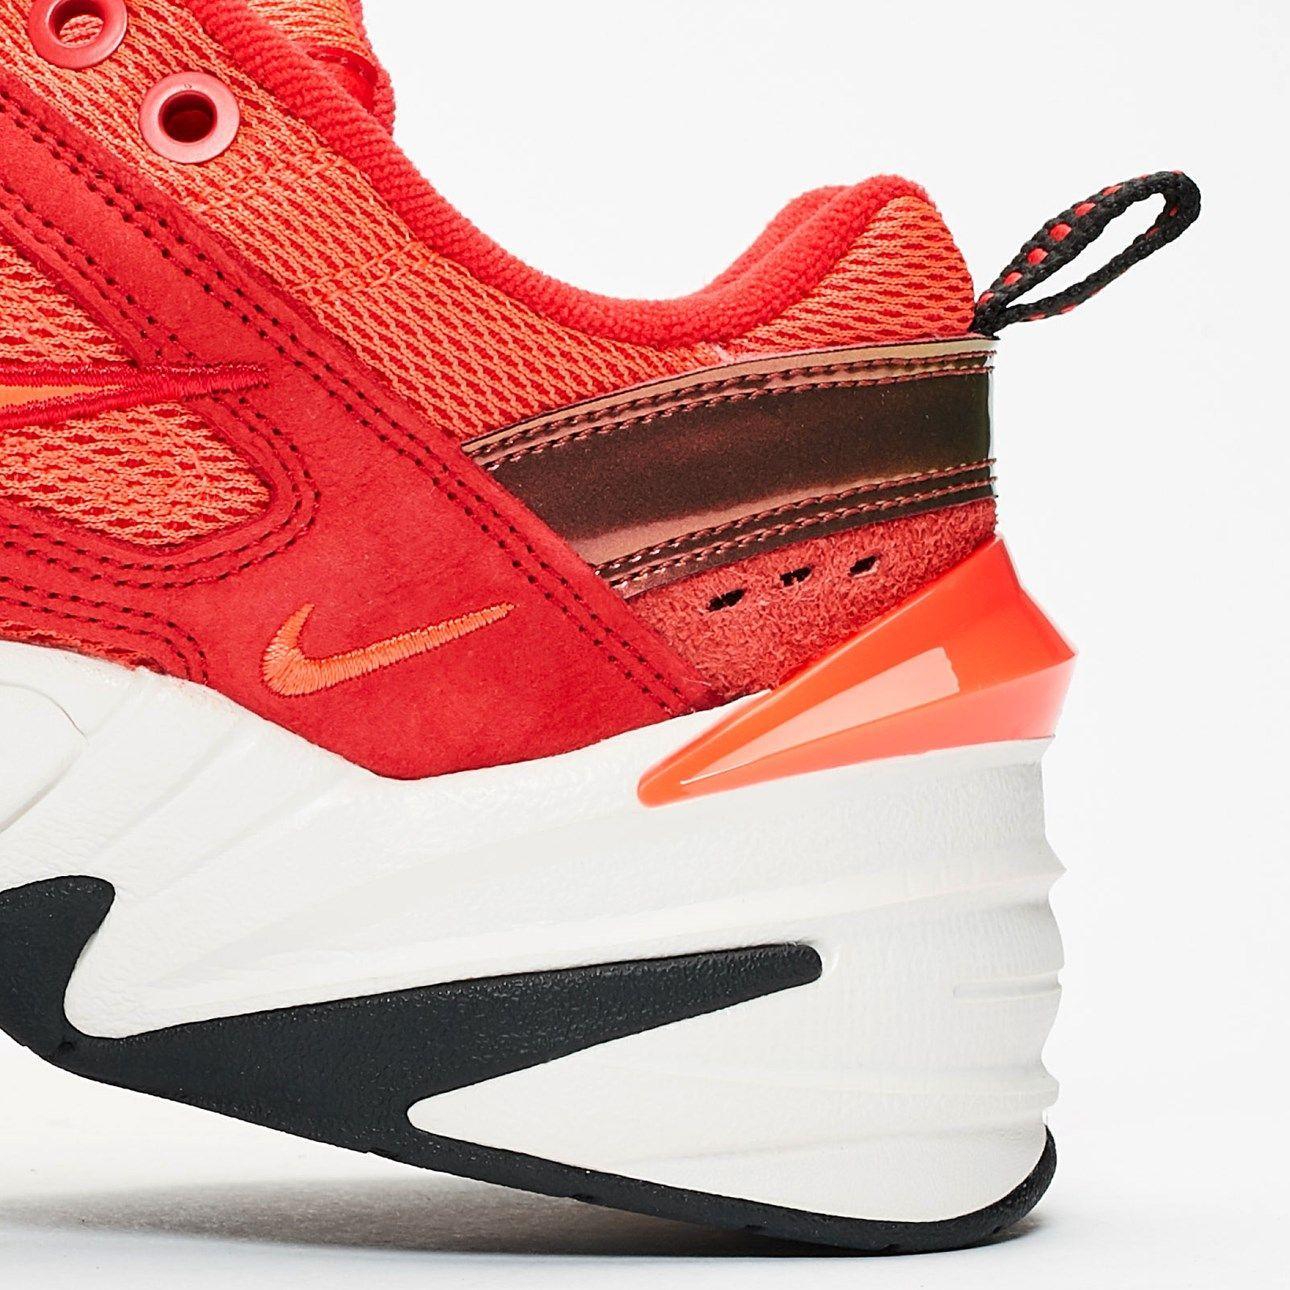 Nike Sportswear Wmns M2k Tekno Dad Shoes Sport Shoes Footwear